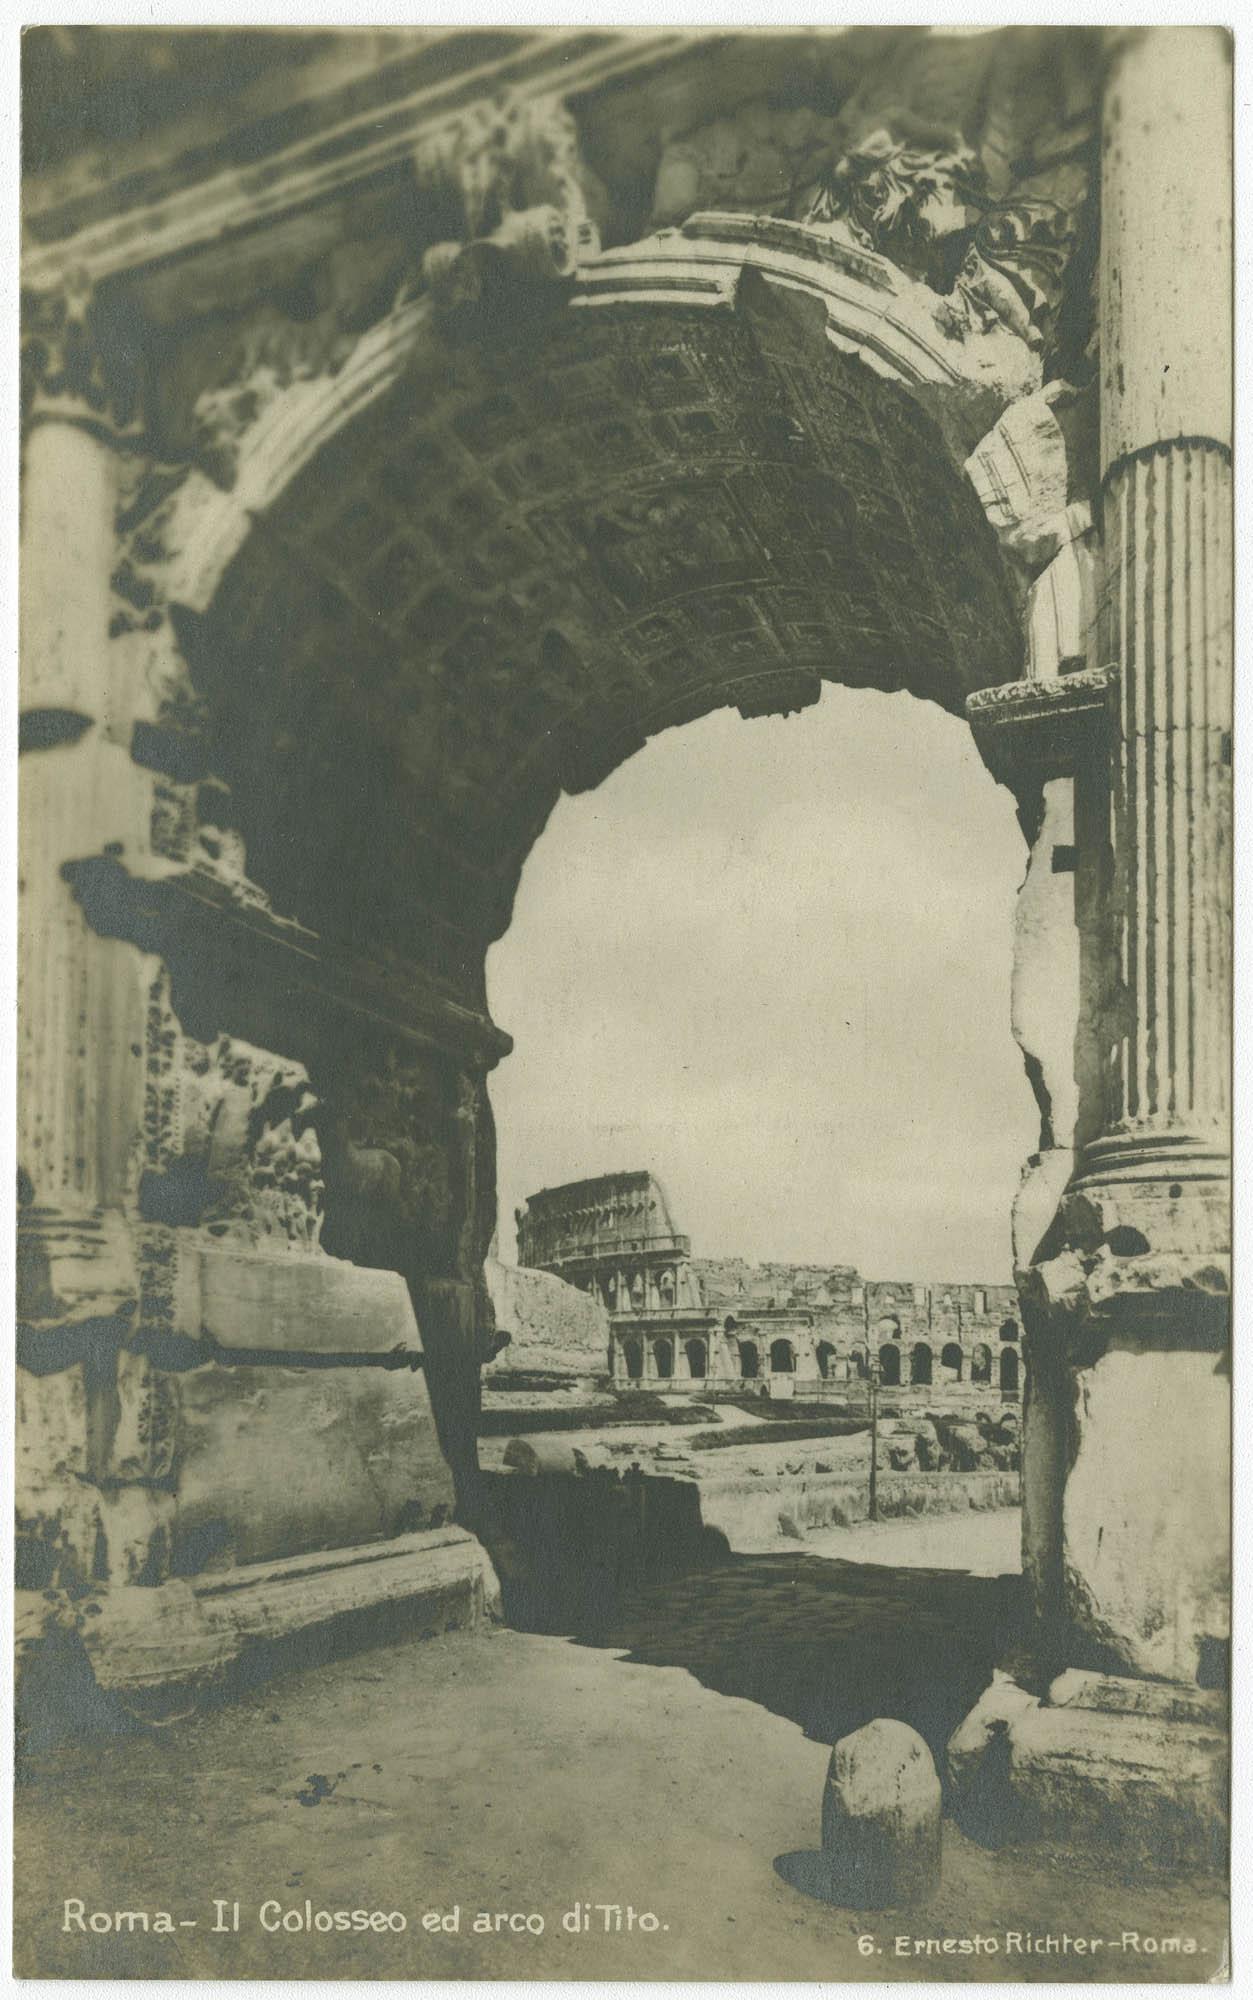 Roma - Il Colosseo ed arco di Tito